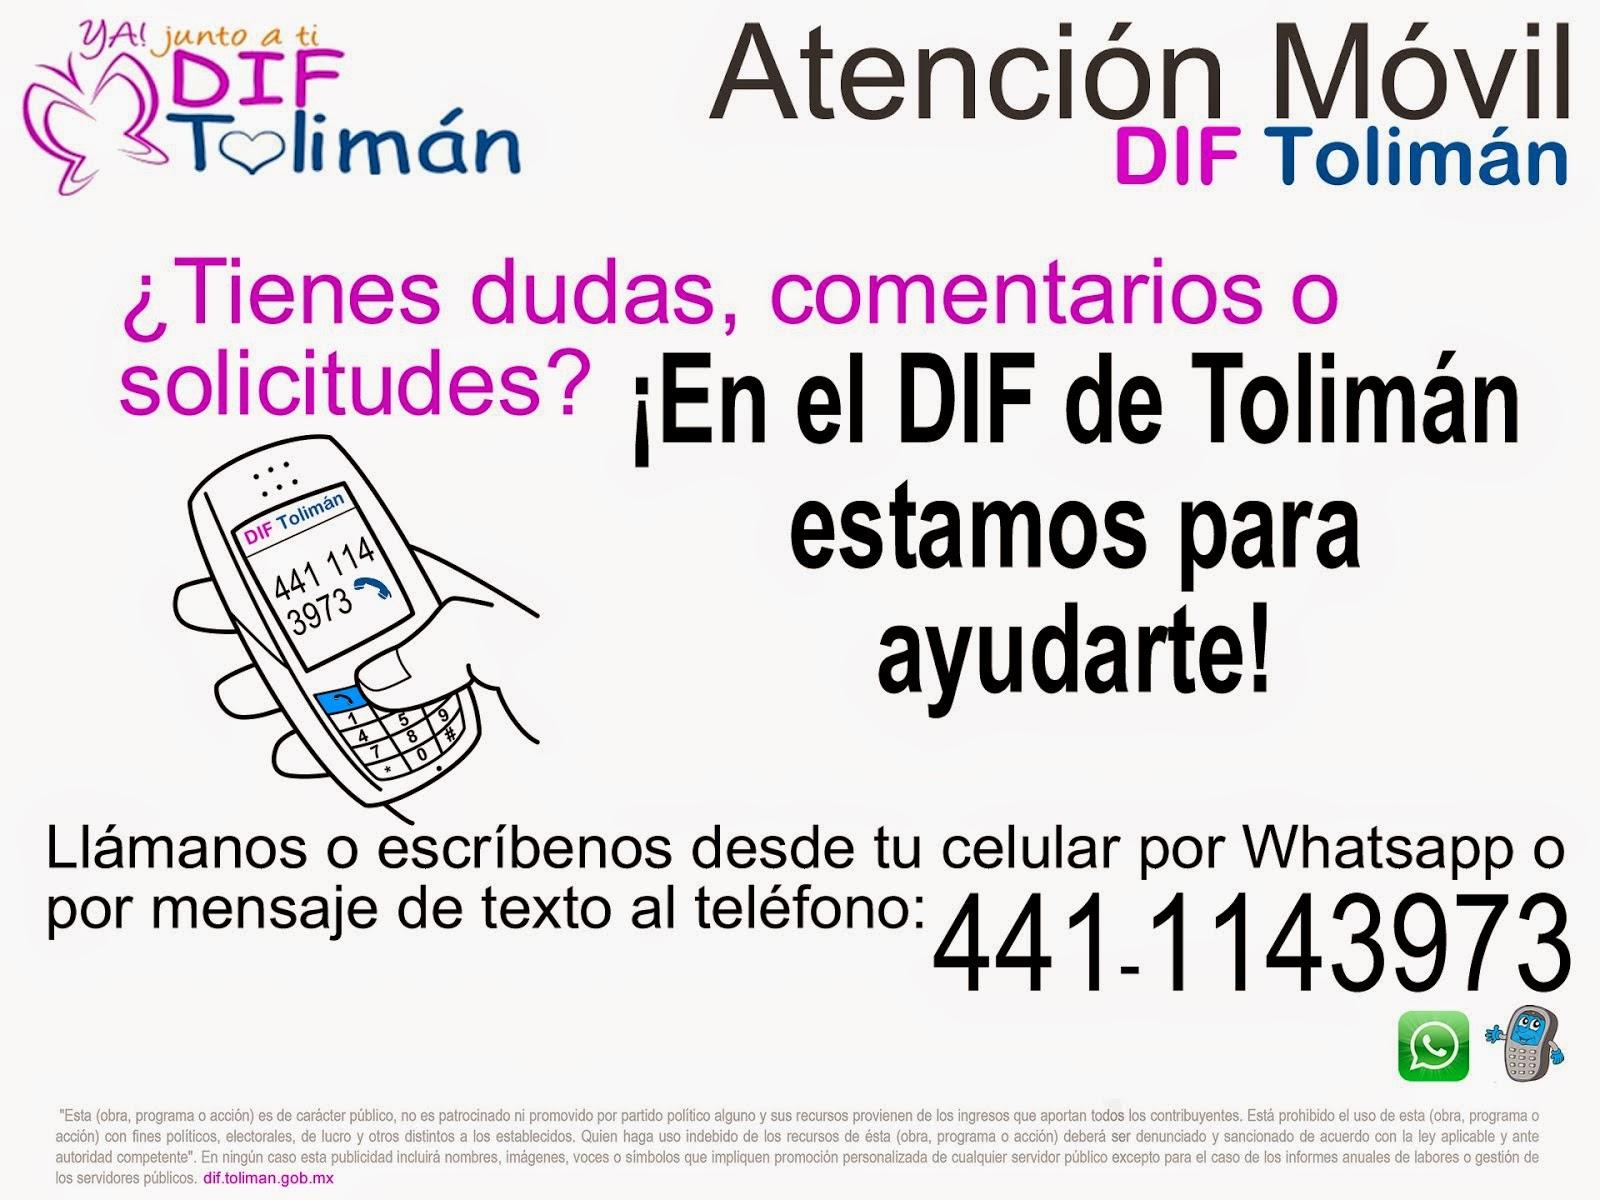 Atención Móvil Automatizada del DIF Tolimán.